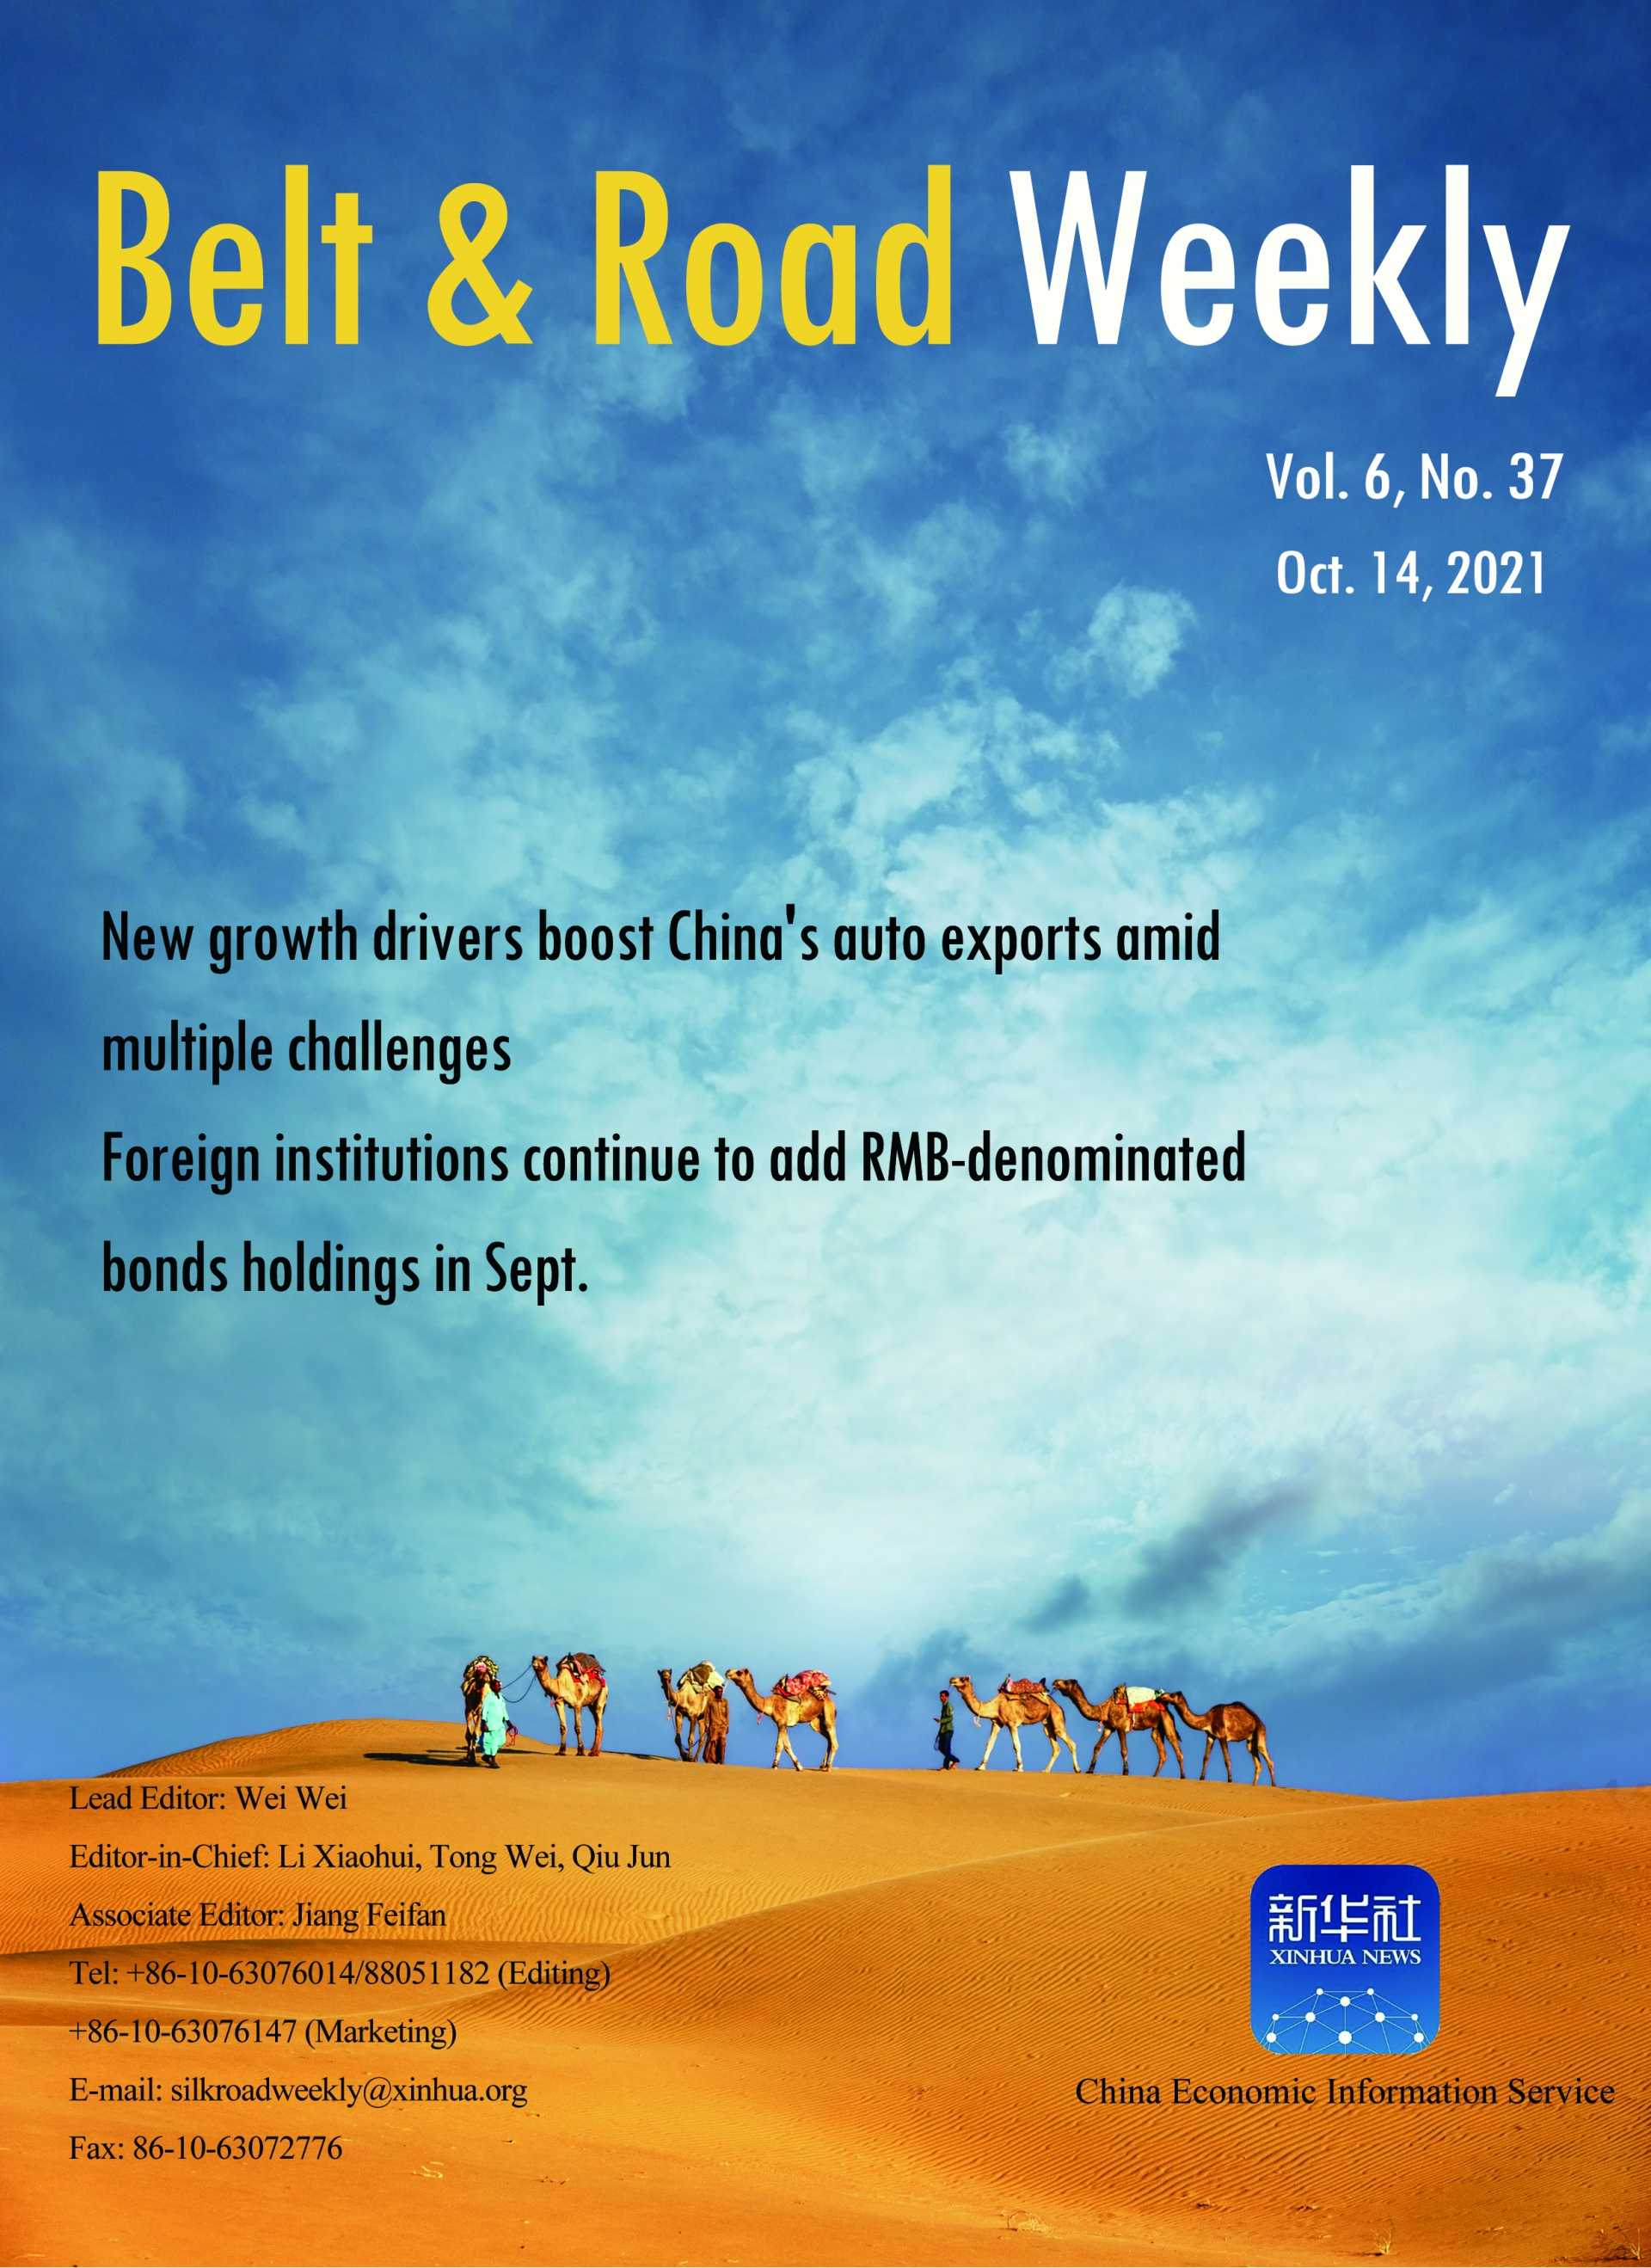 Belt & Road Weekly Vol. 6 No. 37